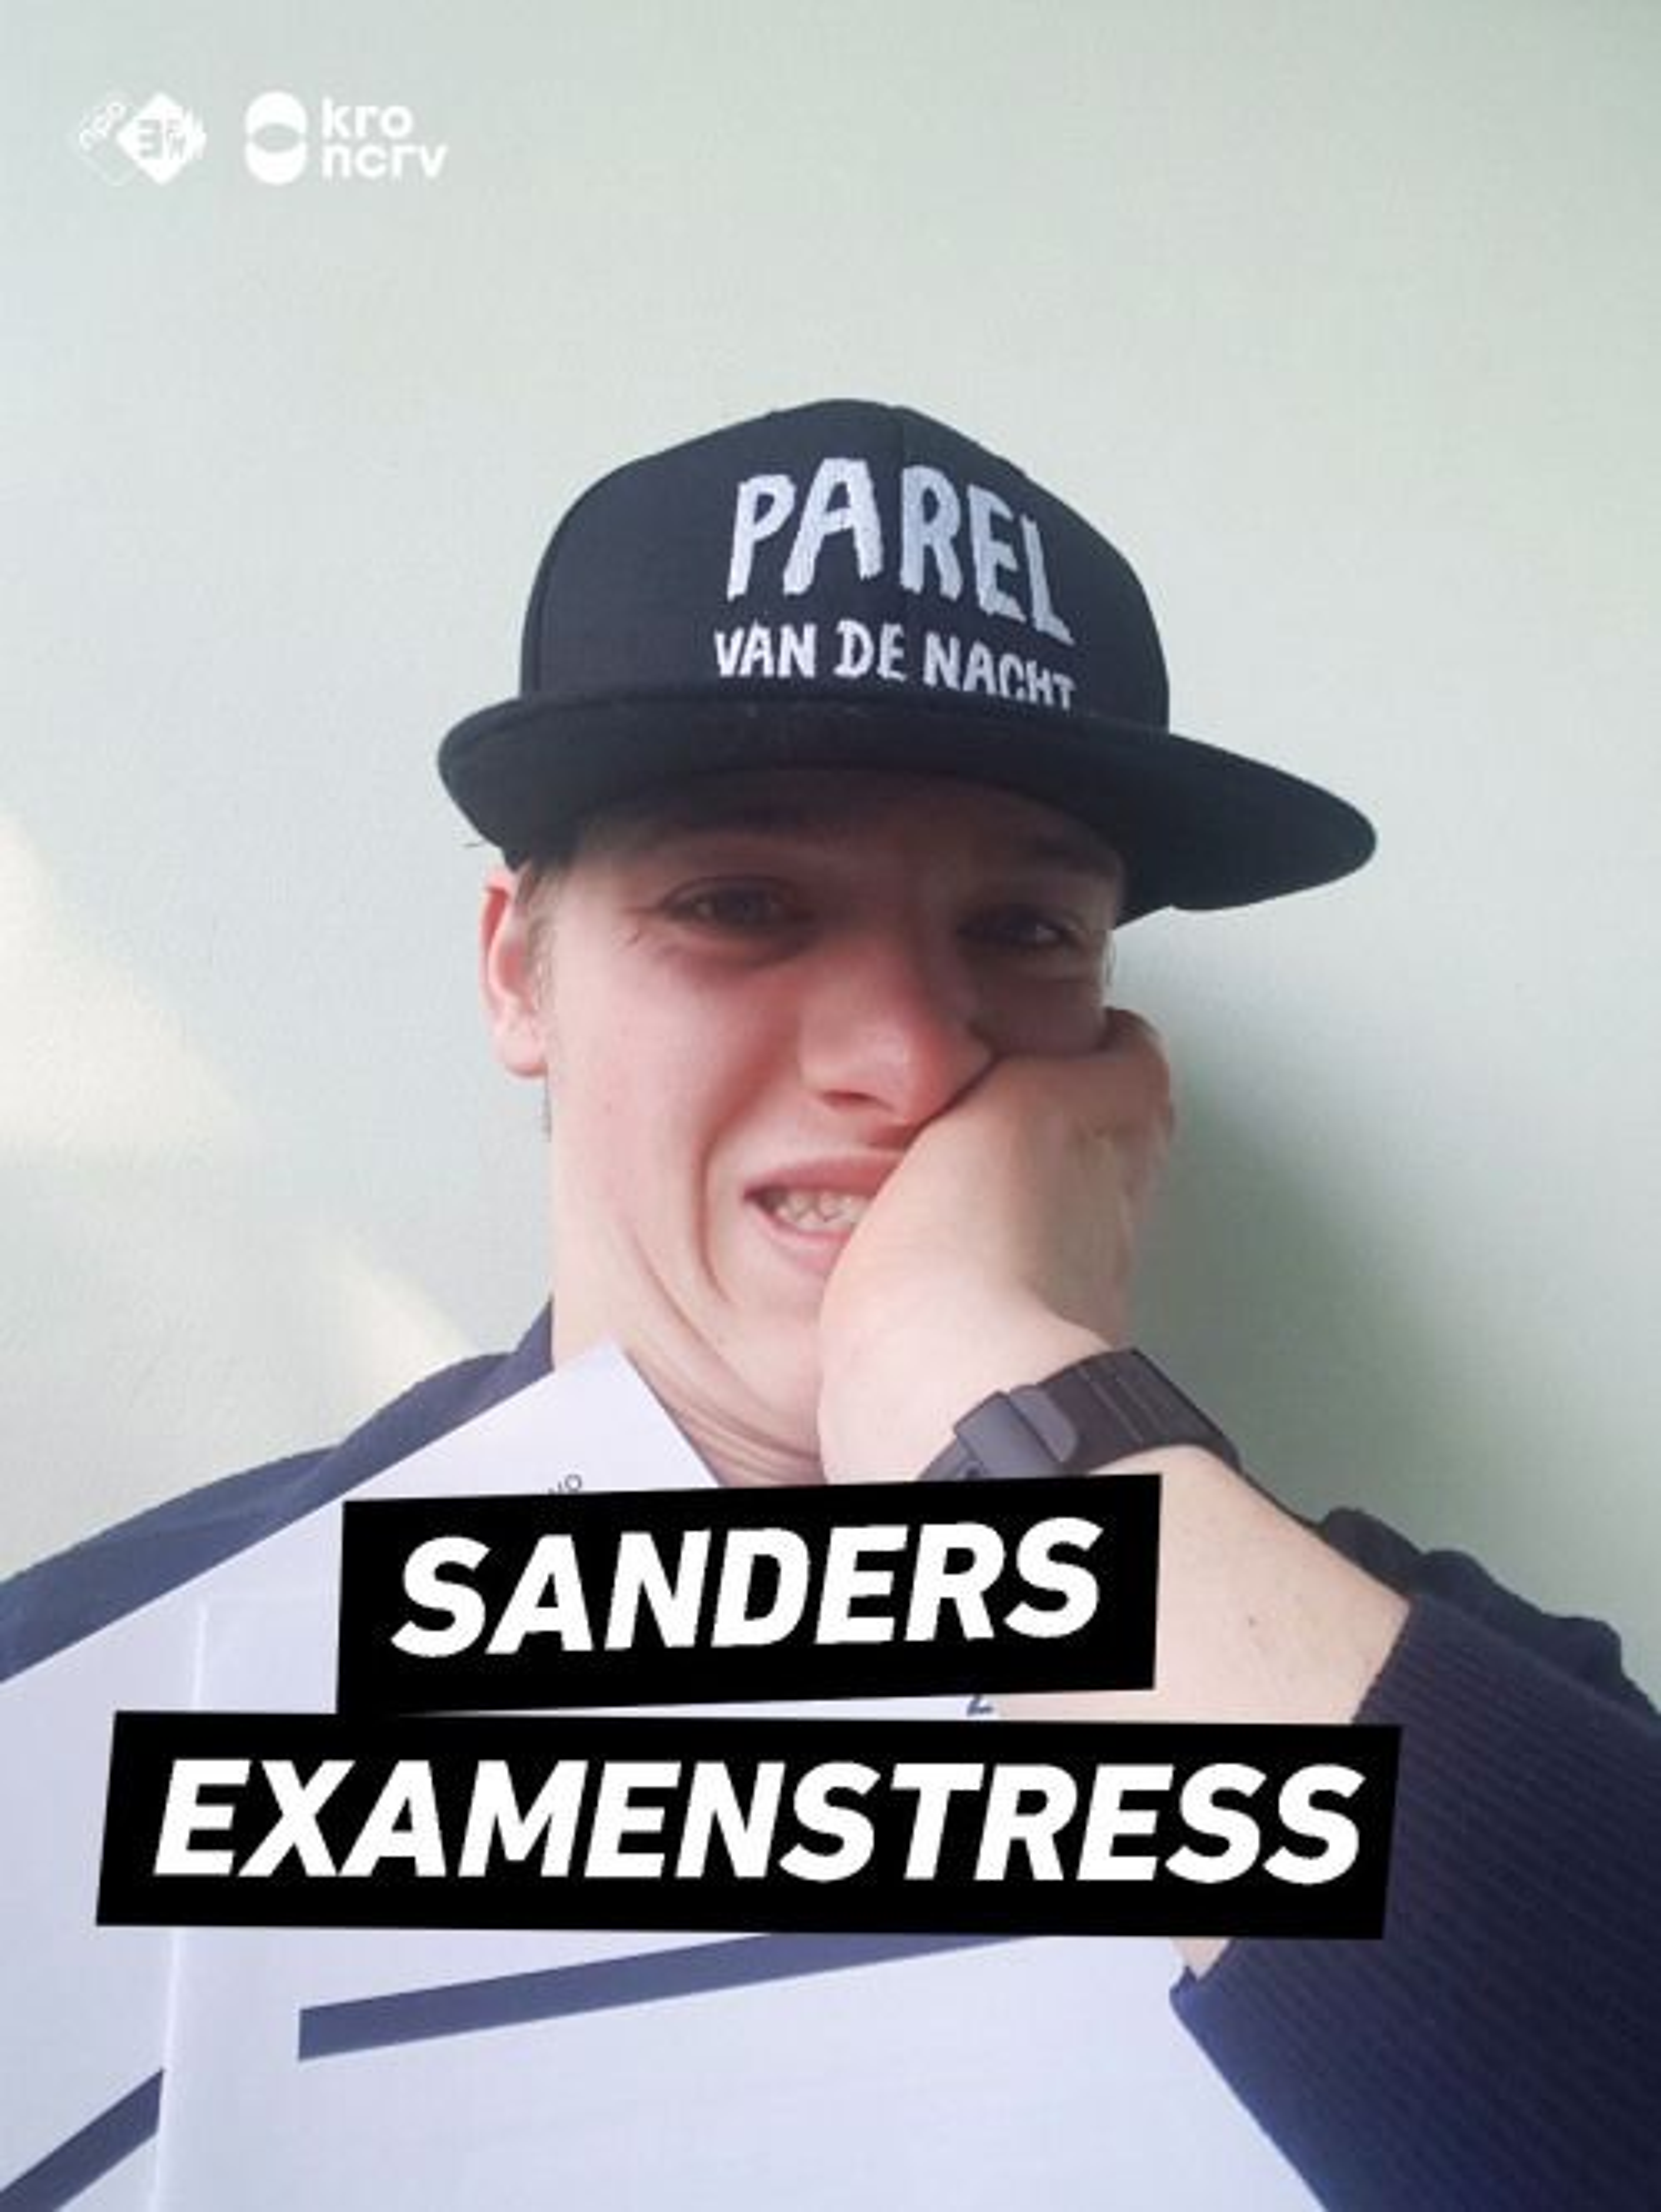 Sanders Examen Stress van donderdag 16 mei! #3FM #examen